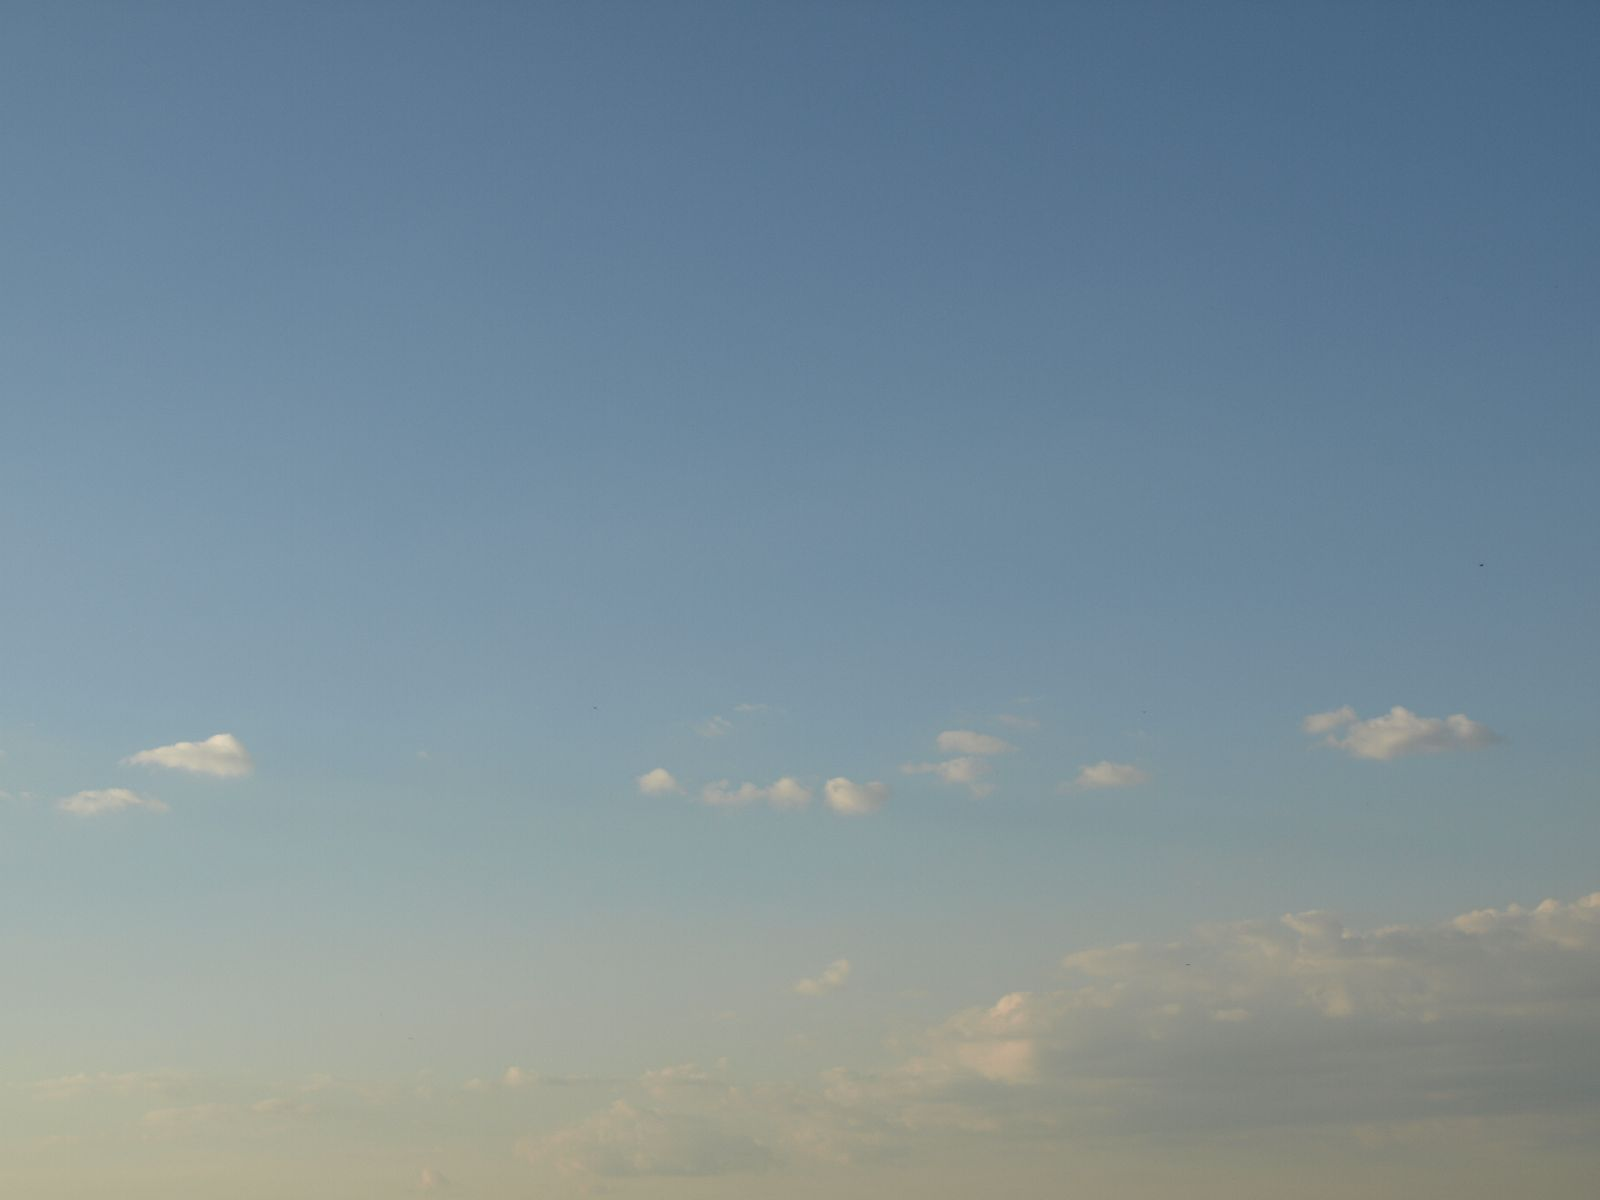 Himmel-Wolken-Foto_Textur_A_P5122739